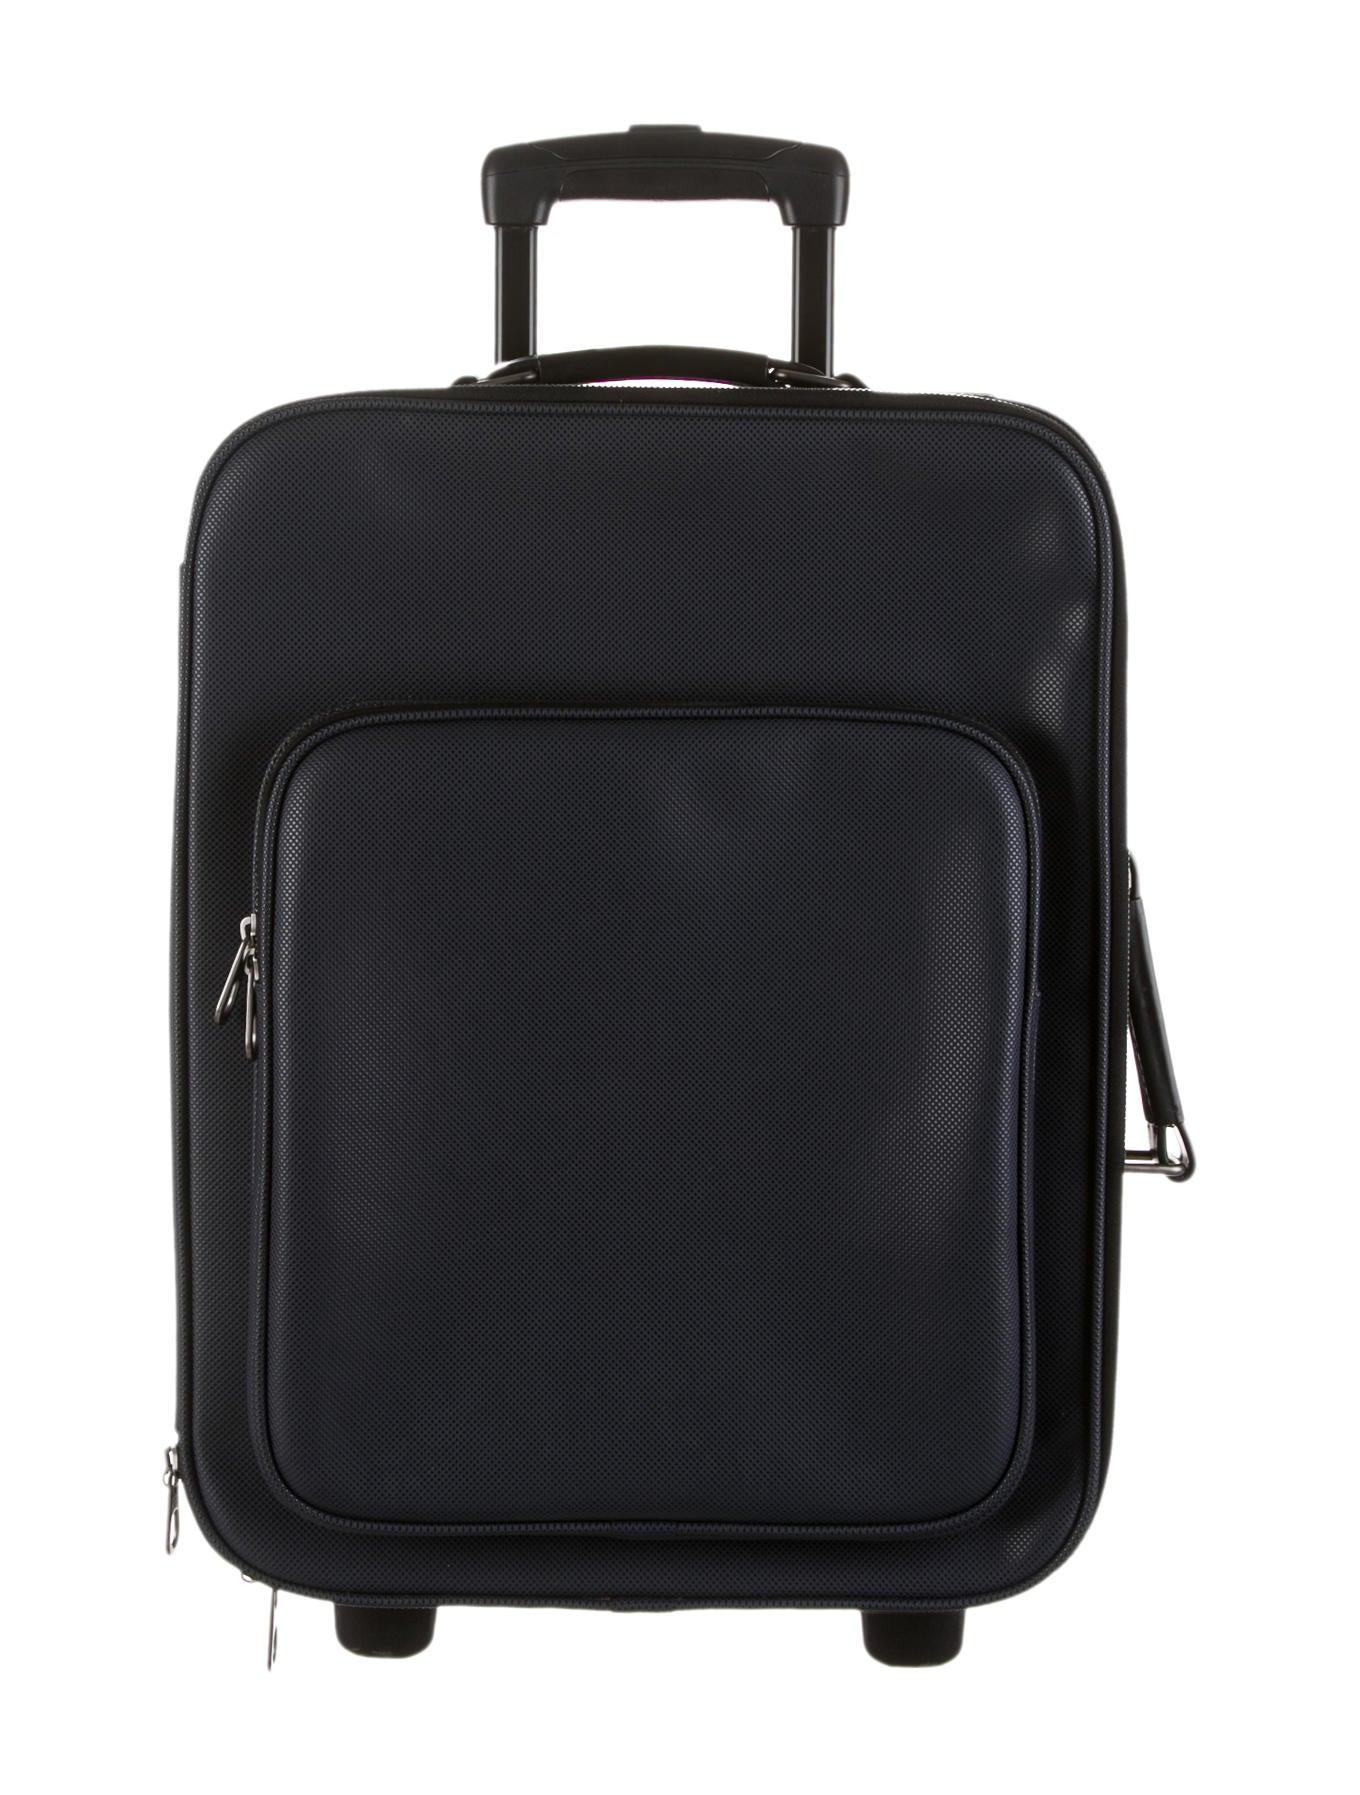 Bottega Veneta Marcopolo Trolley - Mens Bags